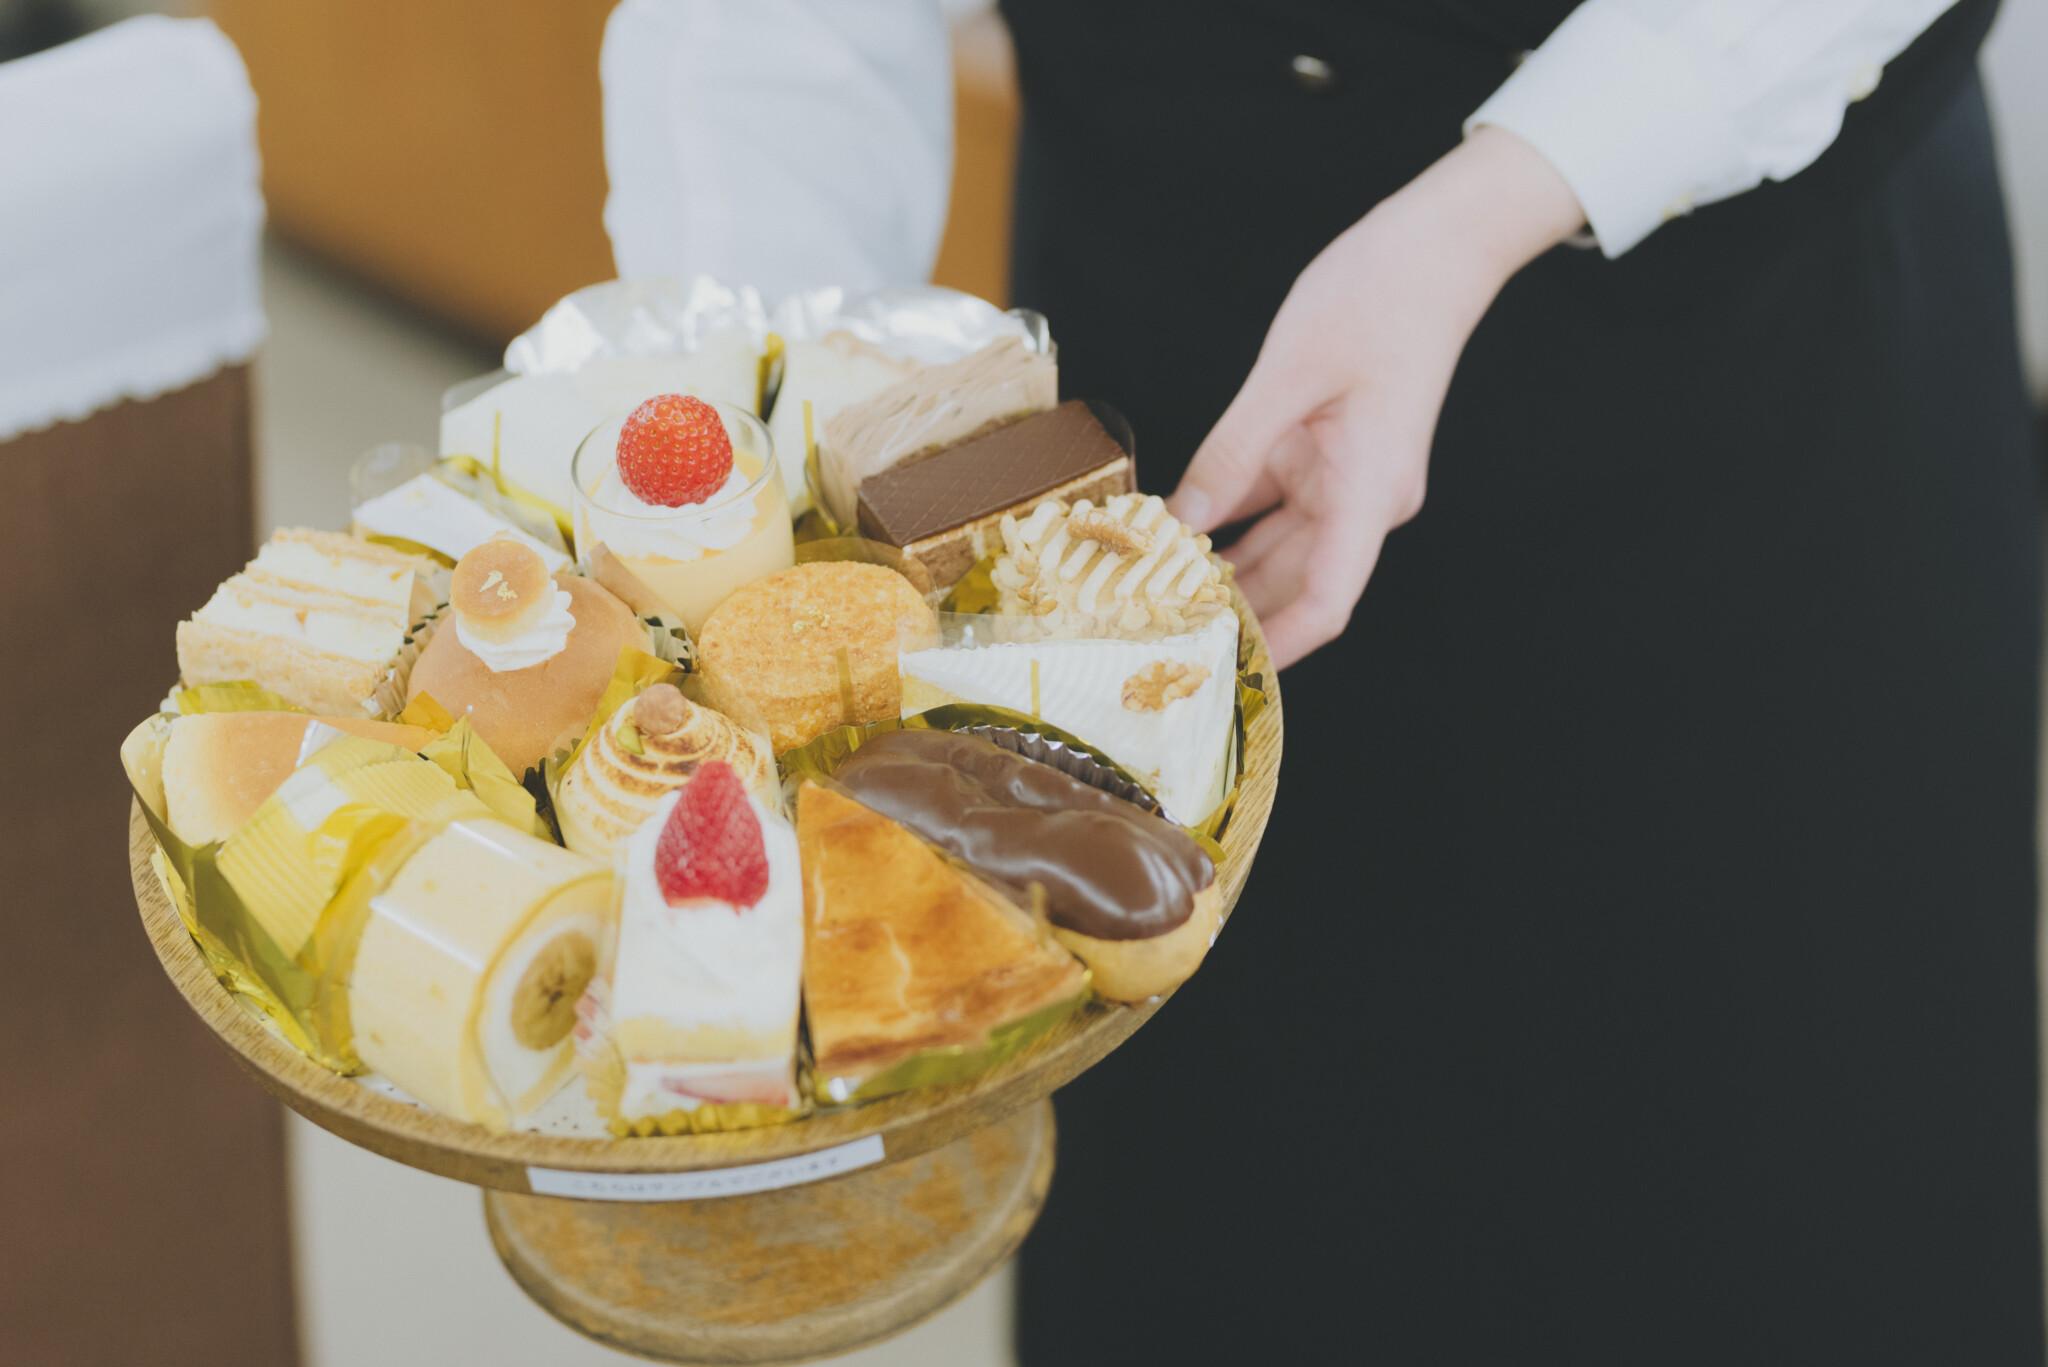 銀座を代表する老舗洋菓子店〈GINZA WEST 本店〉へ。クラシカル雰囲気は大人のティータイムにぴったり。